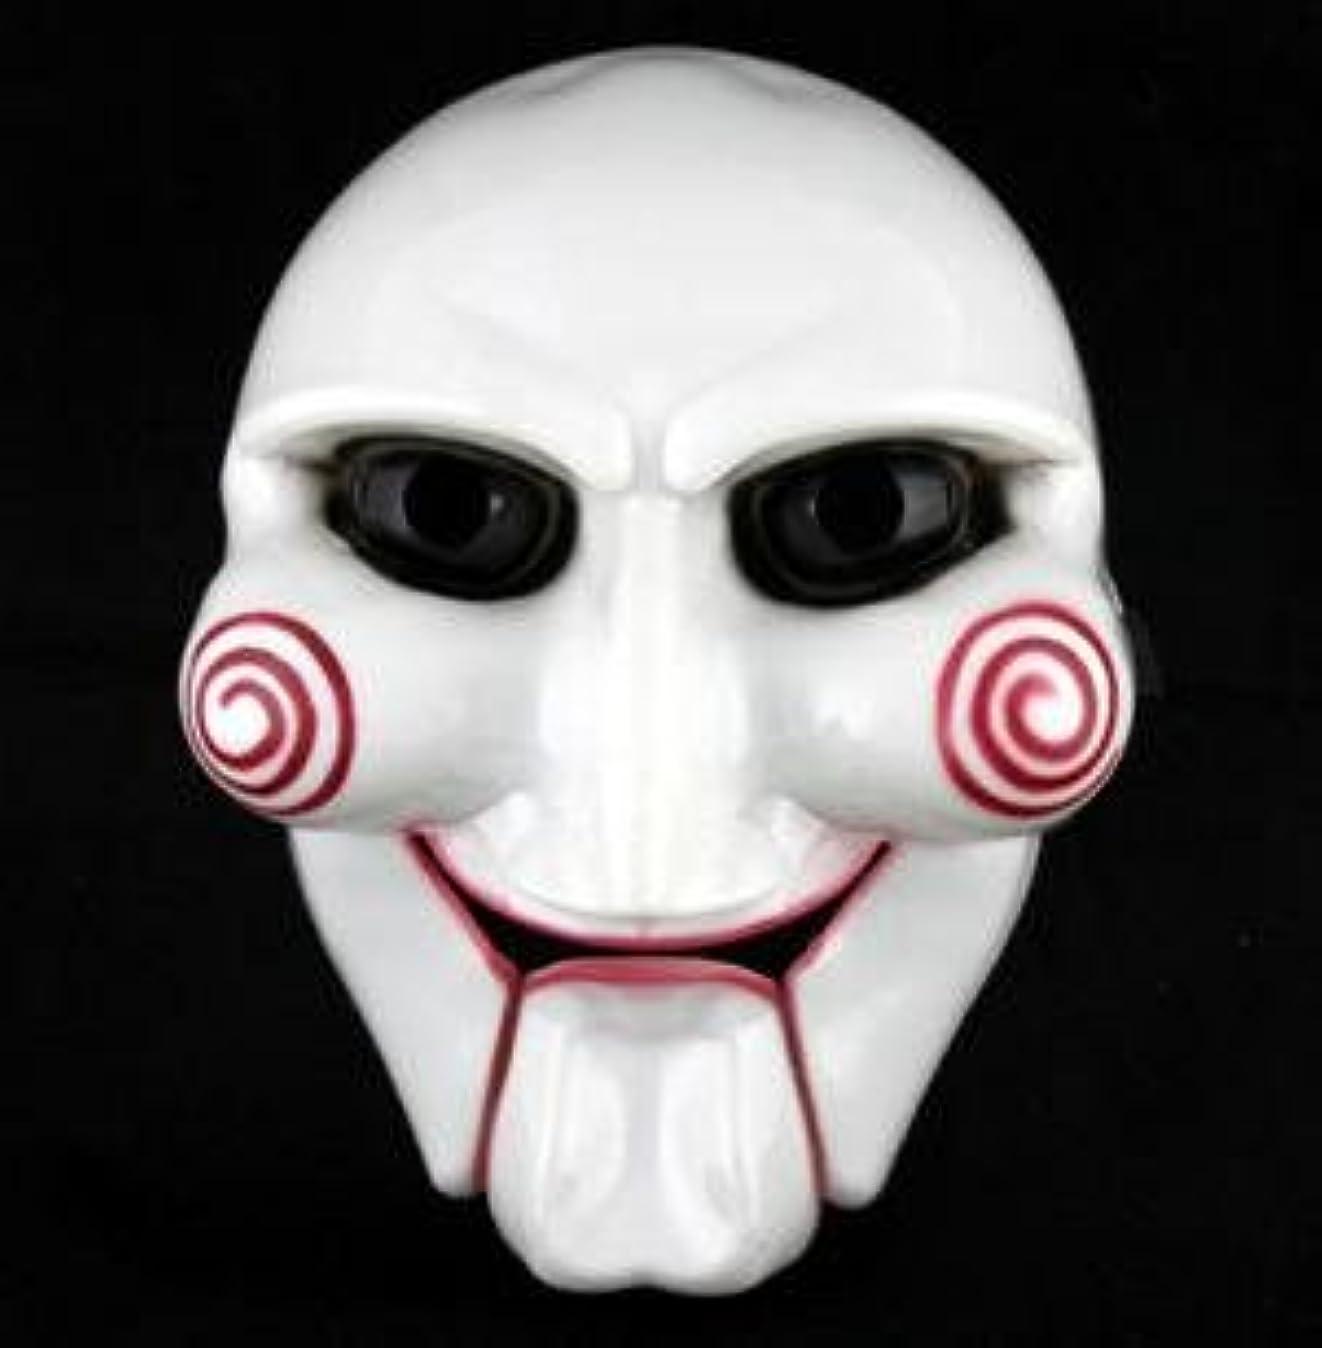 区画破壊的軍SAW ソウ ビリー人形風 マスク お面 ジグソウ キラー【コスプレ通販】イベントなどで活躍するコス。